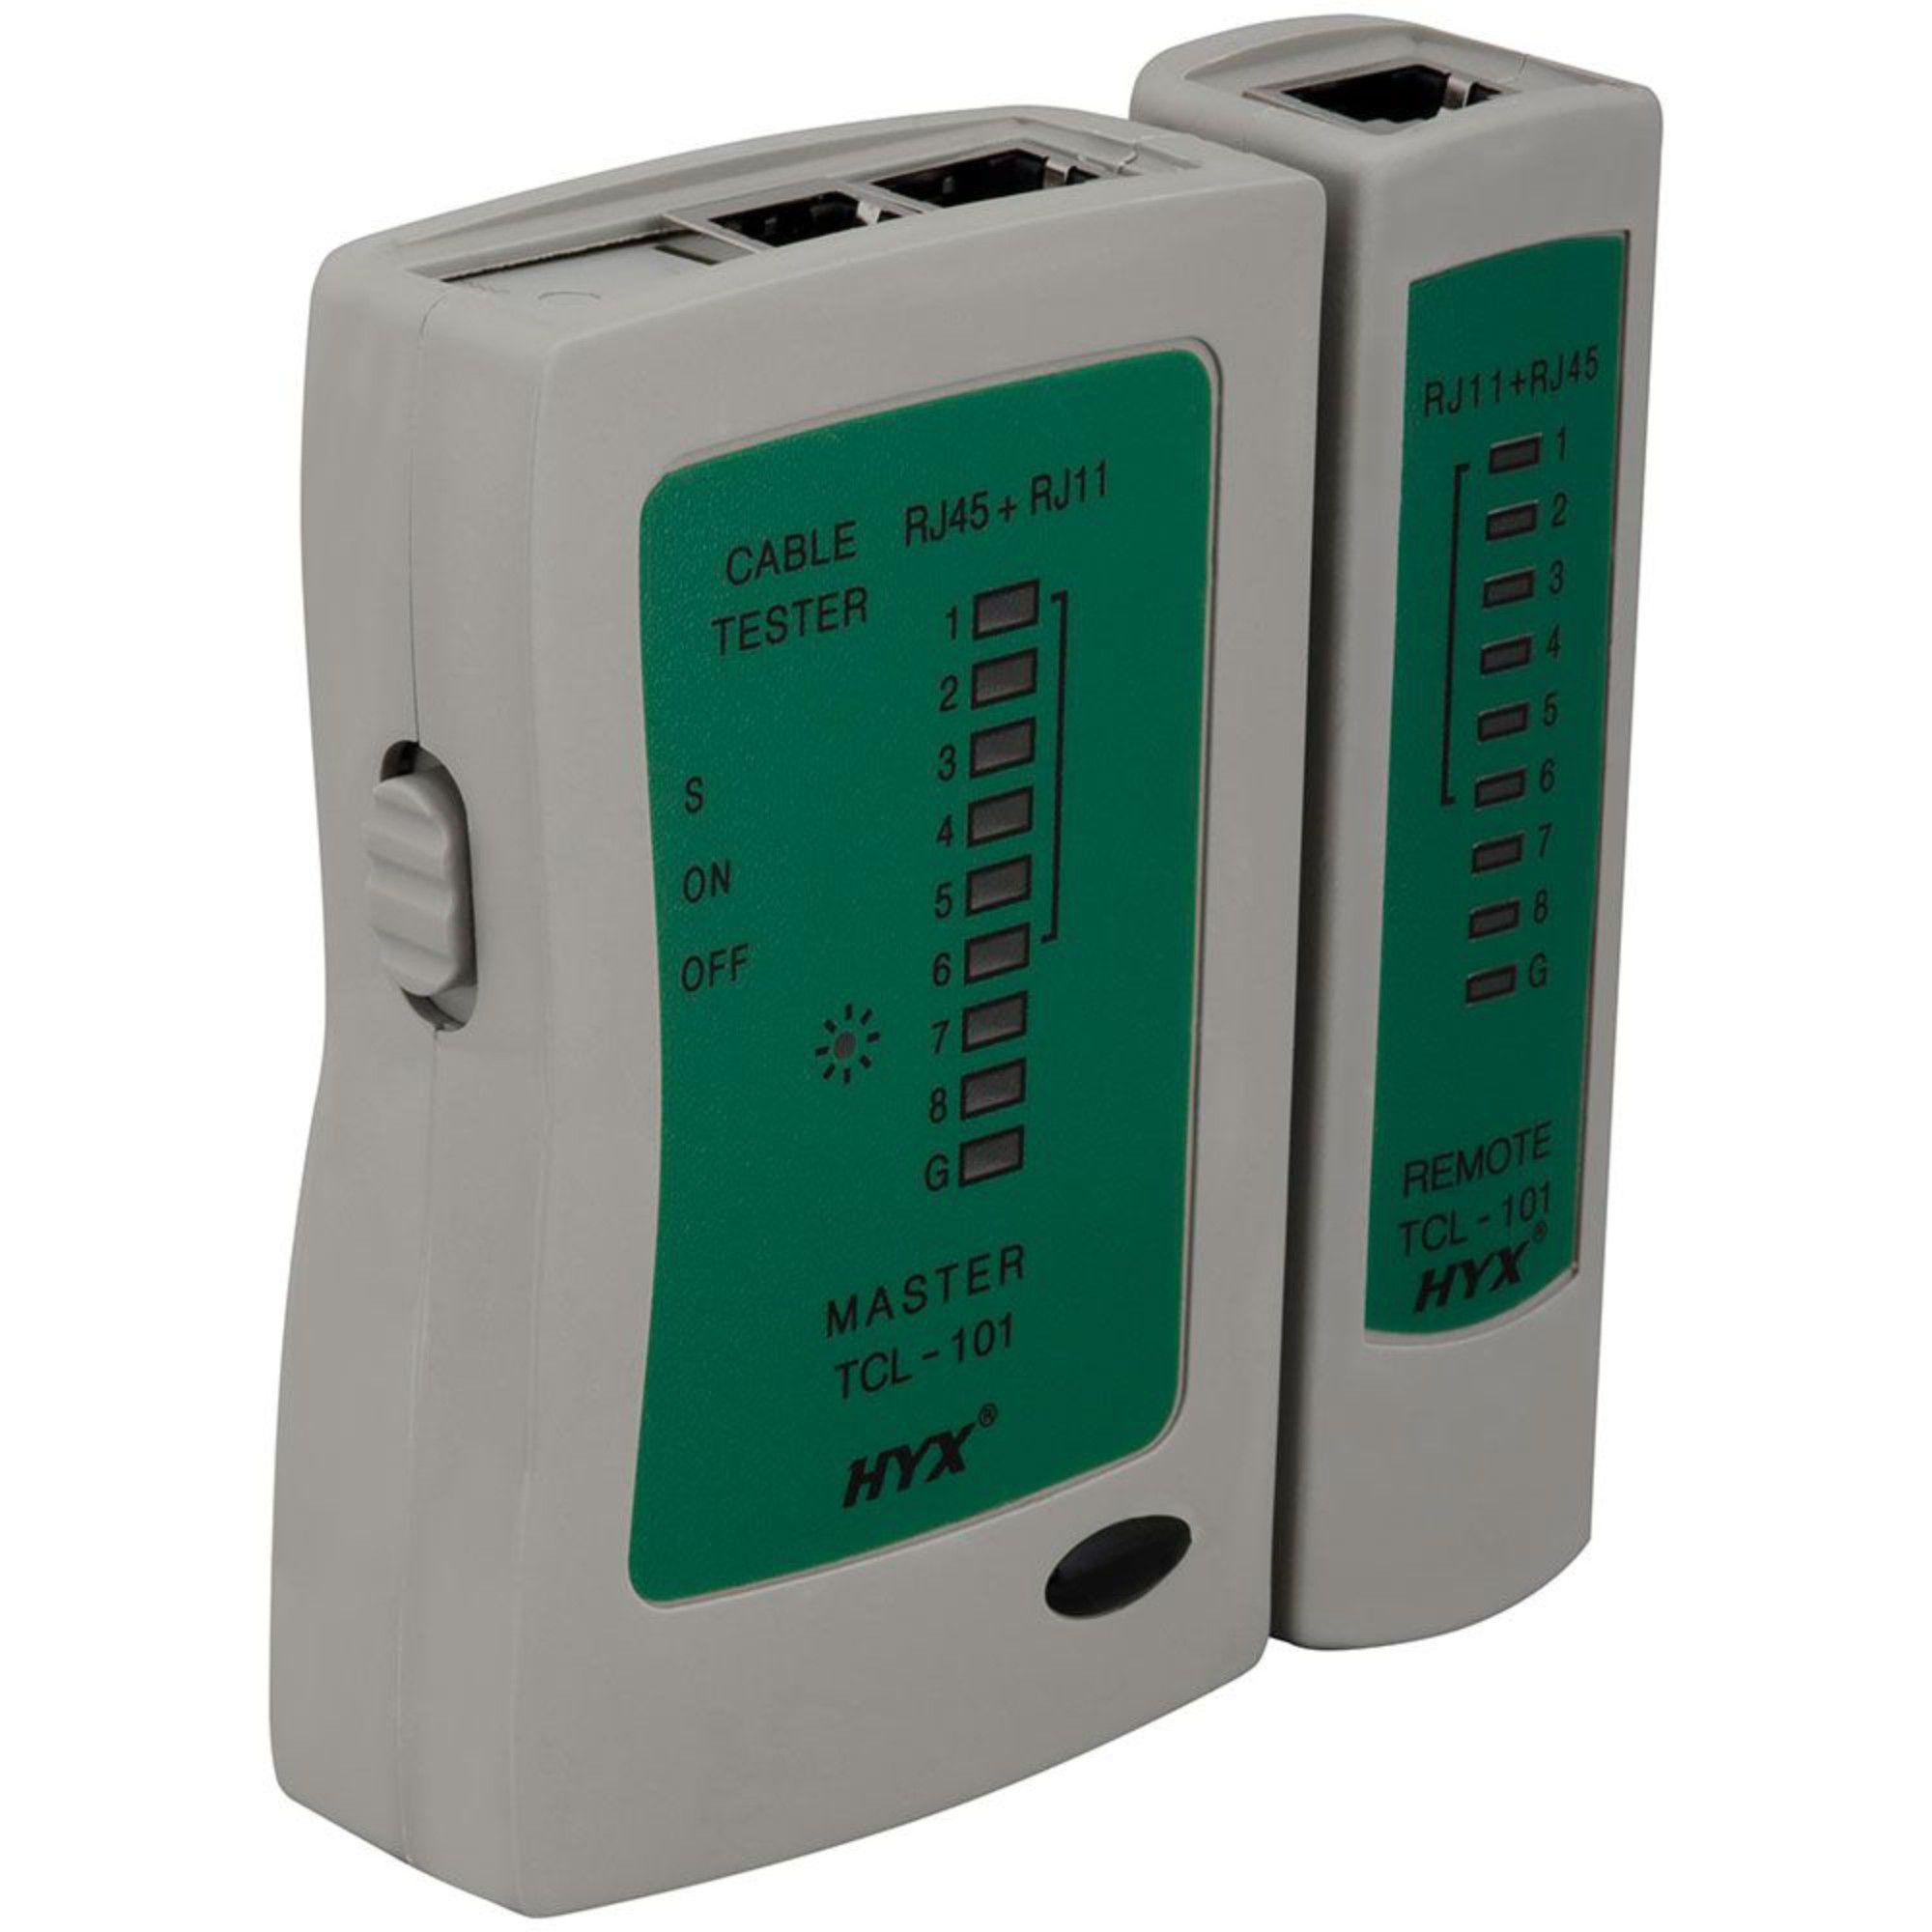 Testador de Cabos de Redes e Telefonia RJ45/RJ11